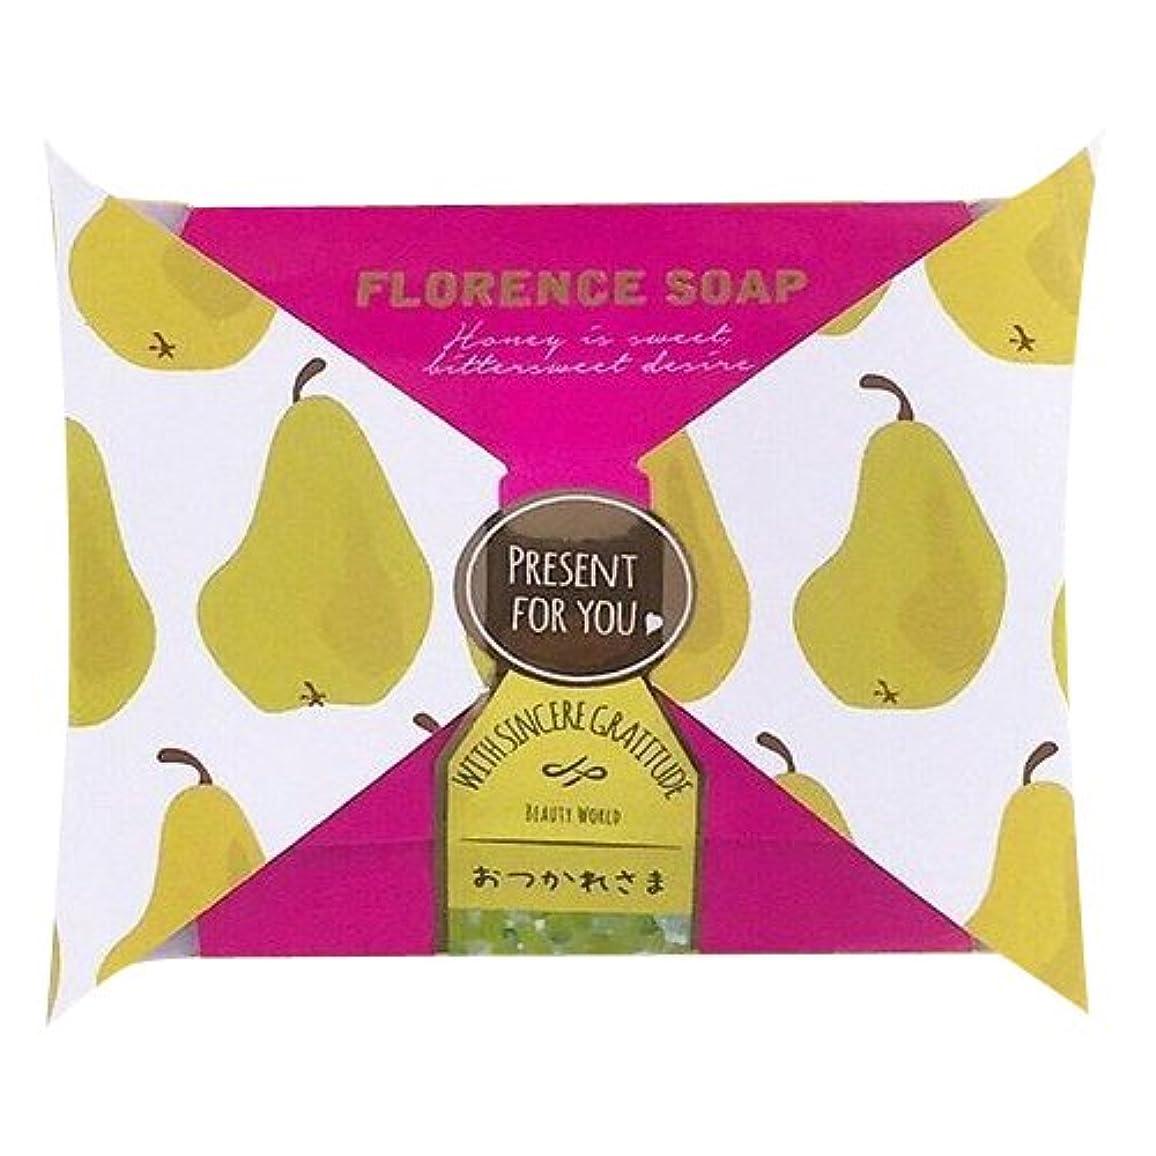 アストロラーベれんがメトリックBW フローレンスの香り石けん リボンパッケージ FSP386 密の甘く切ない願い (35g)